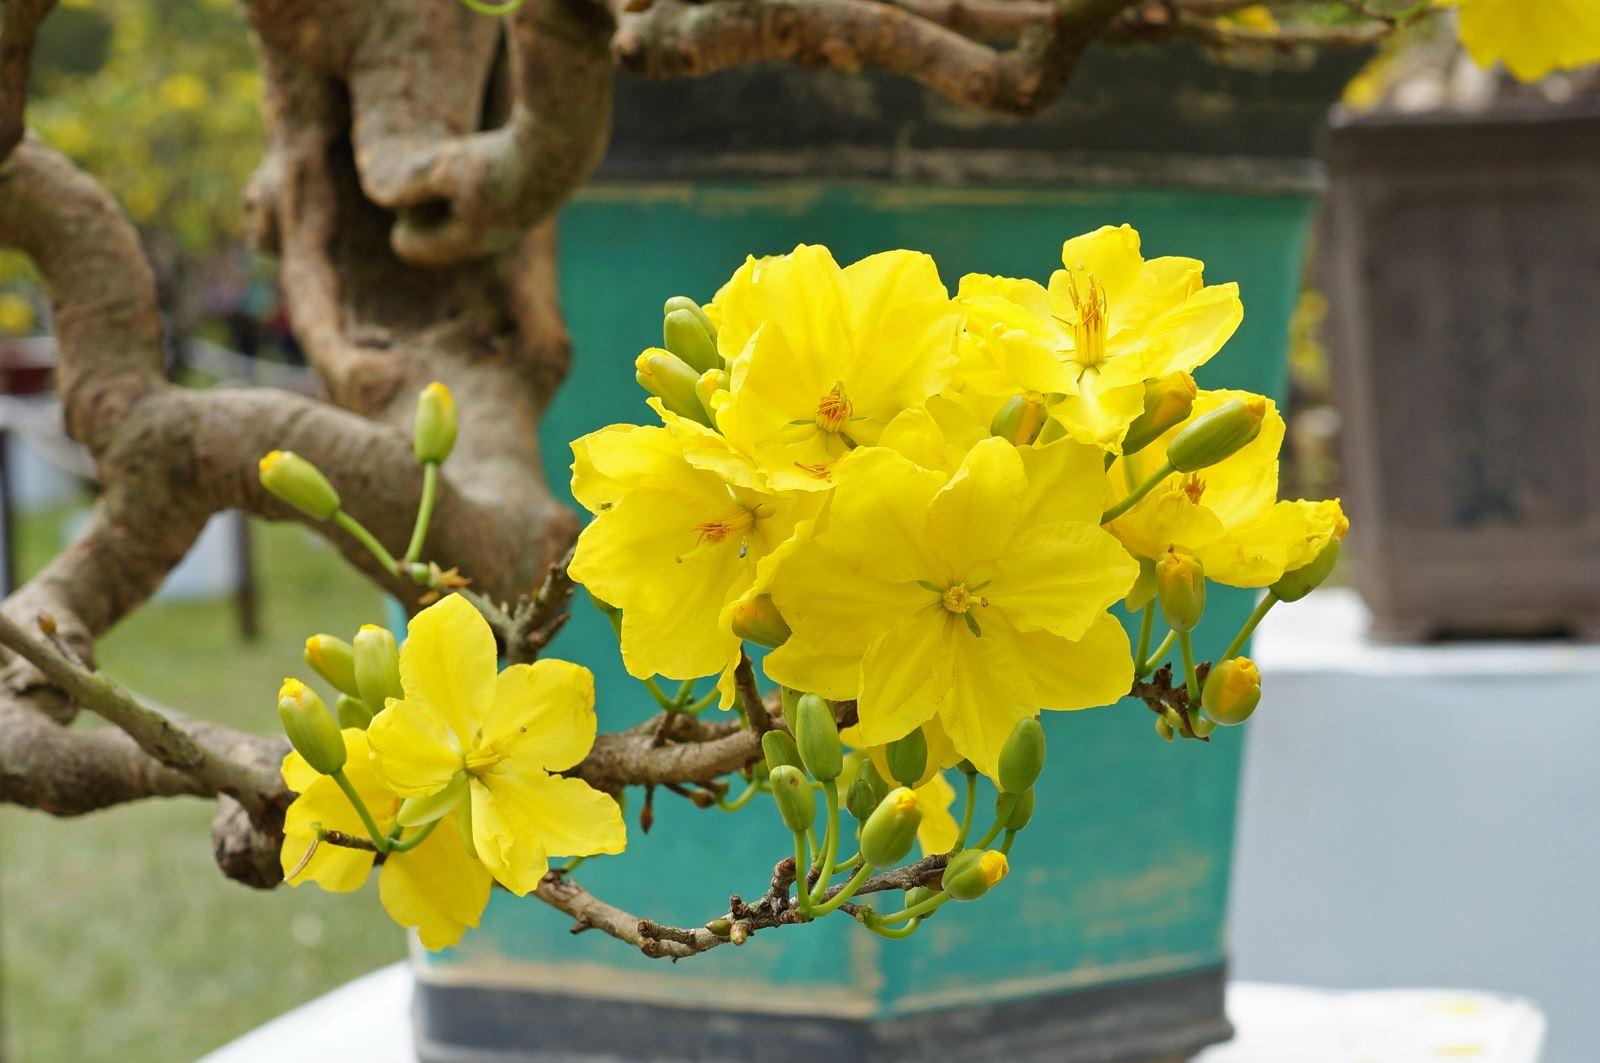 Năm 2021, chọn hoa Tết Tân Sửu theo phong thuỷ phúc lộc đầy nhà